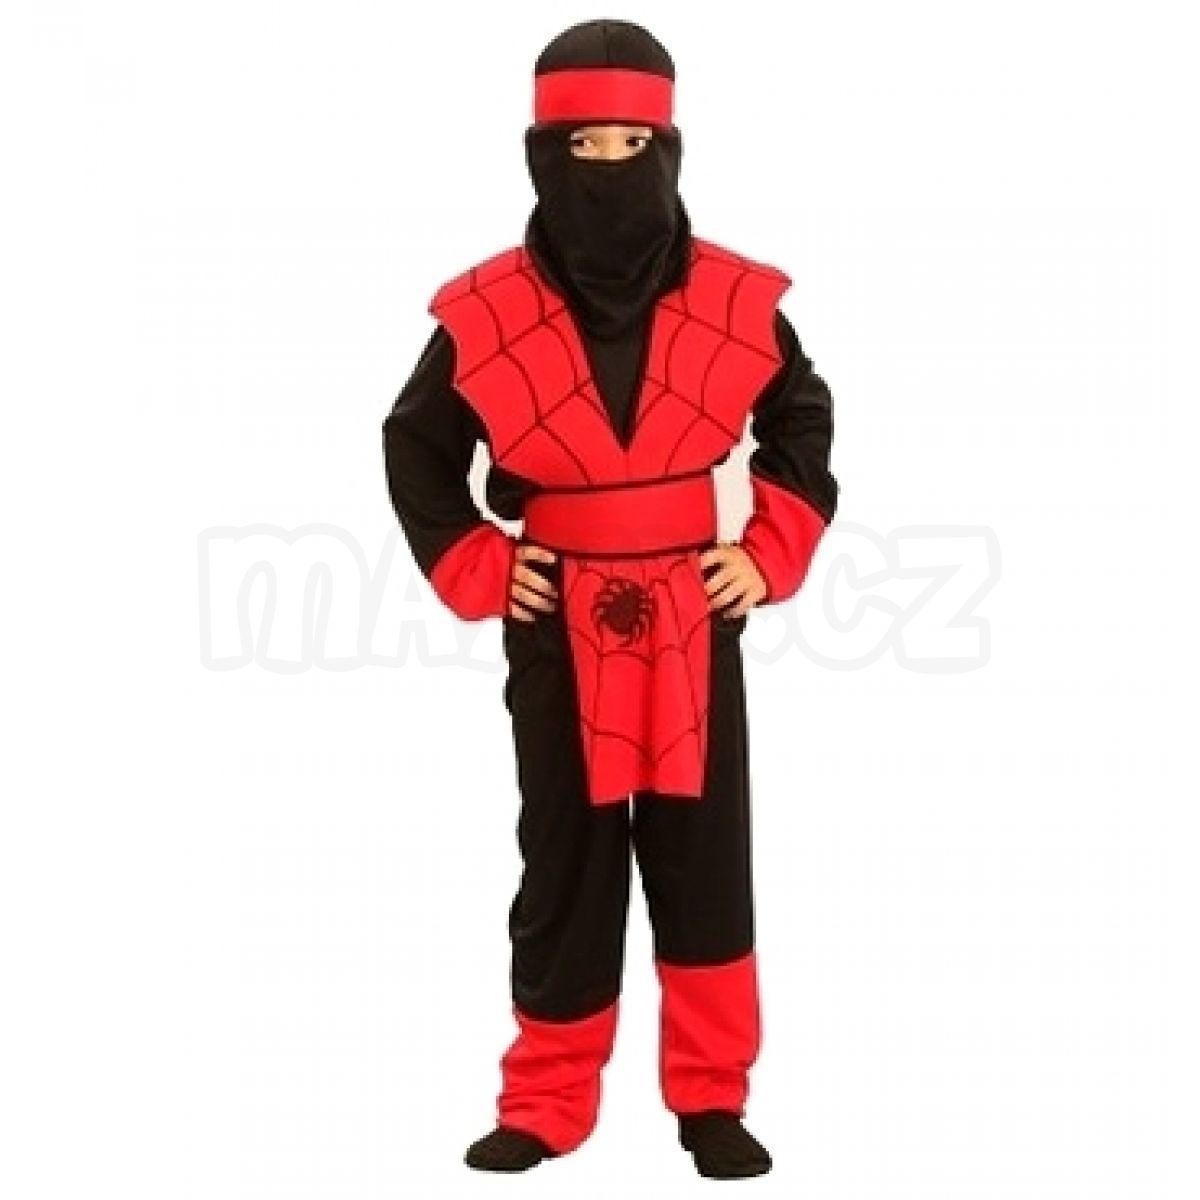 Made Dětský kostým Ninja vel. S  63c9ef9a728